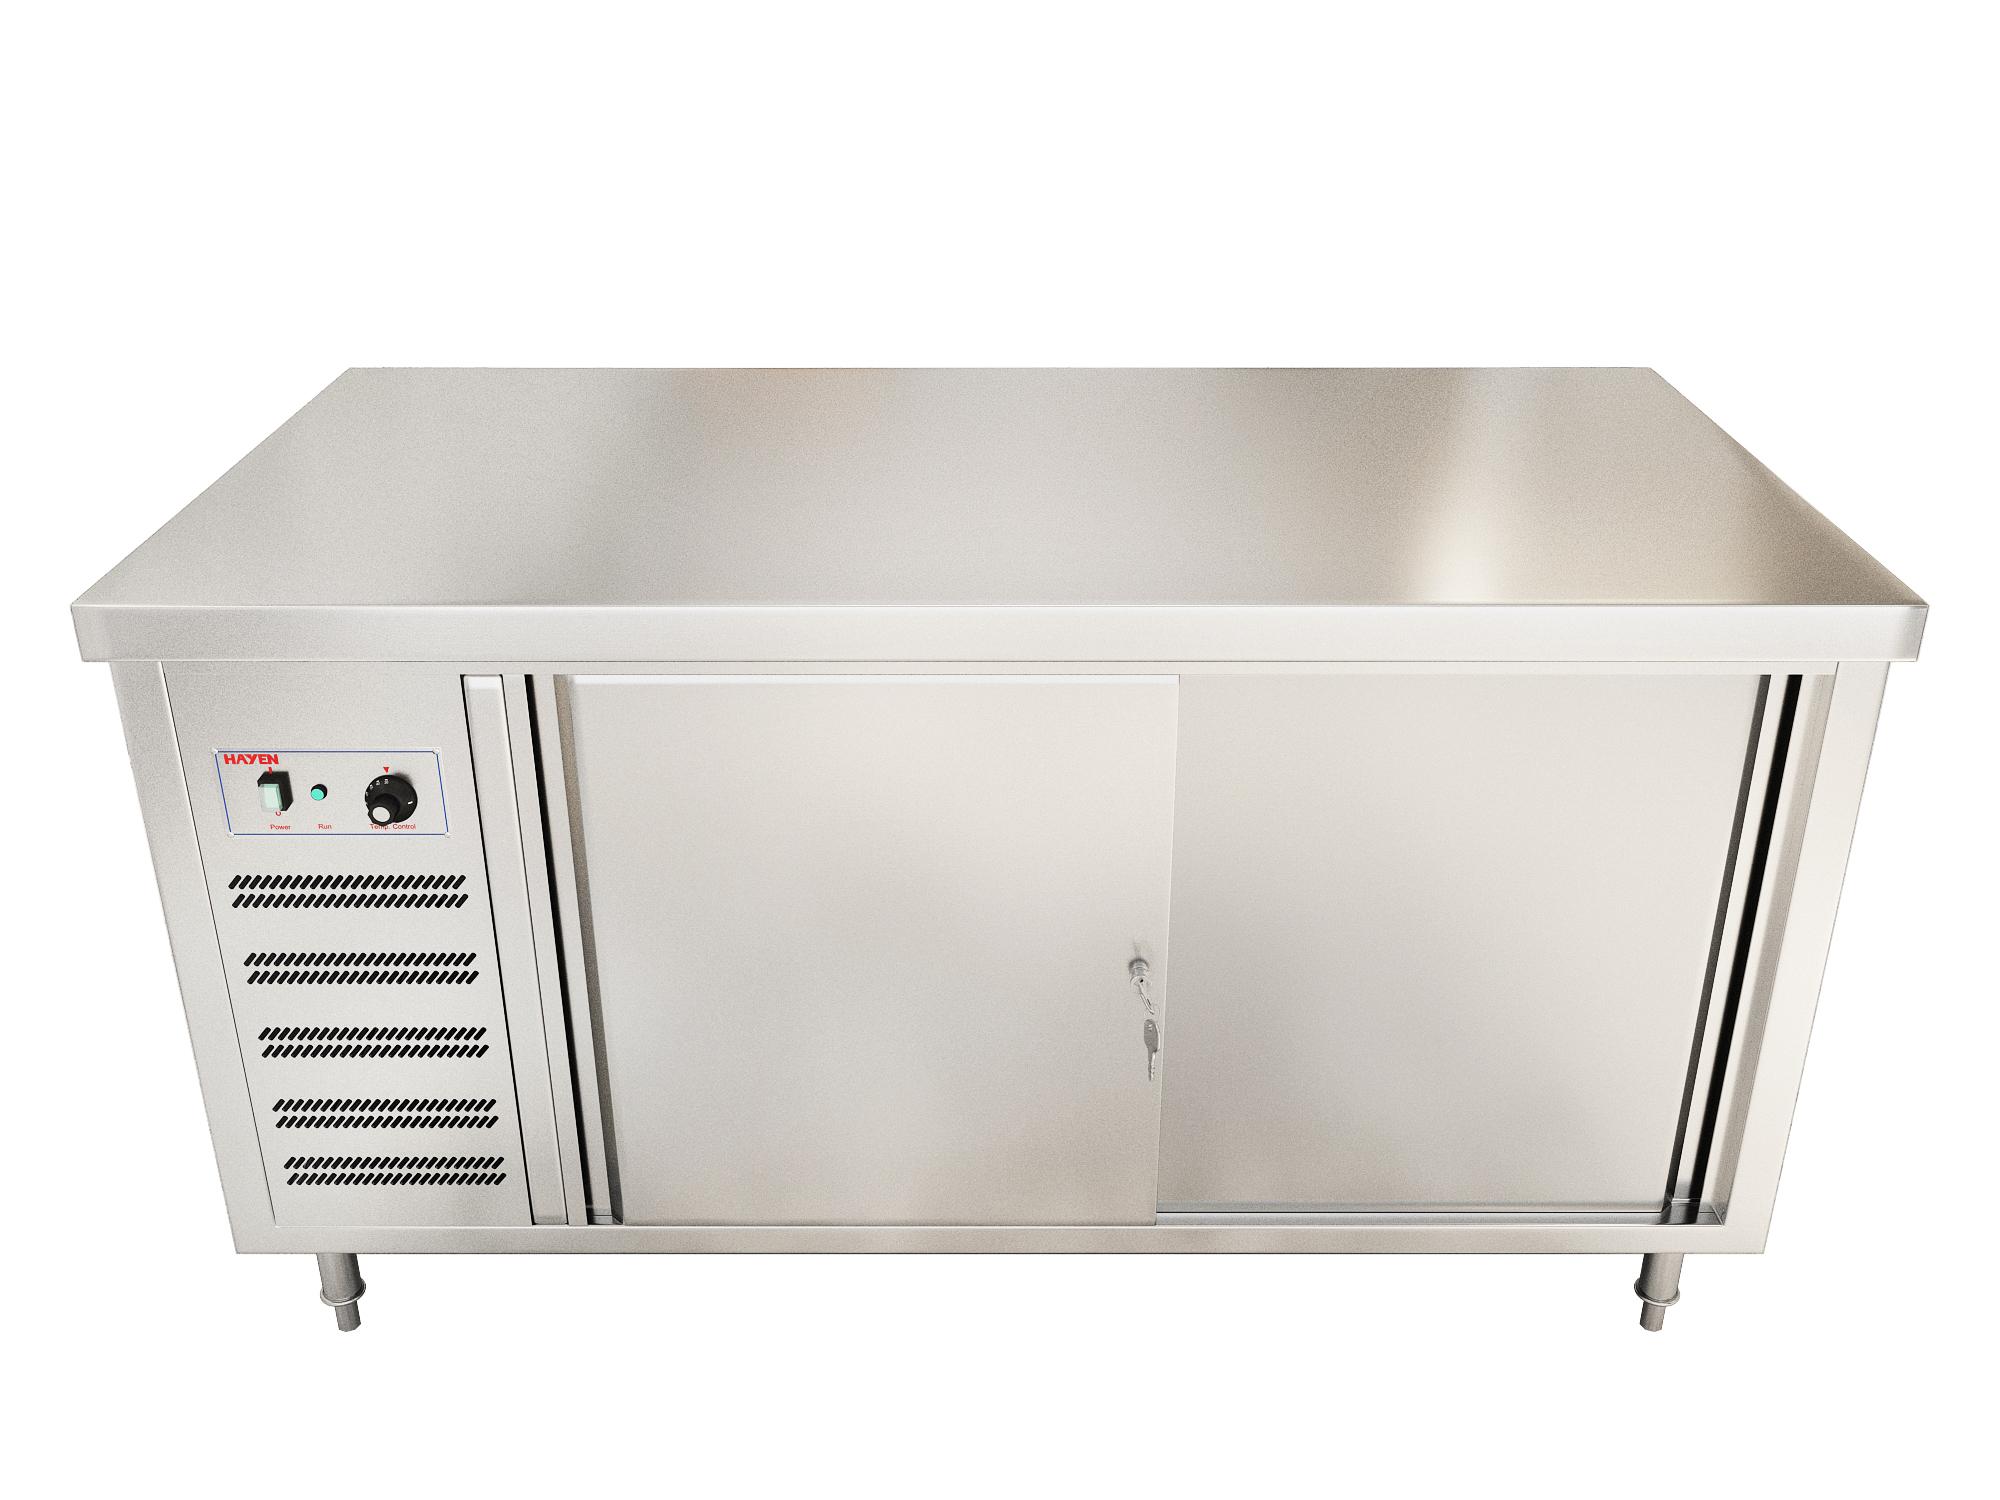 Quầy giữ nóng bát, đĩa bằng khí nóng, 2 cửa trượt, 1 phía